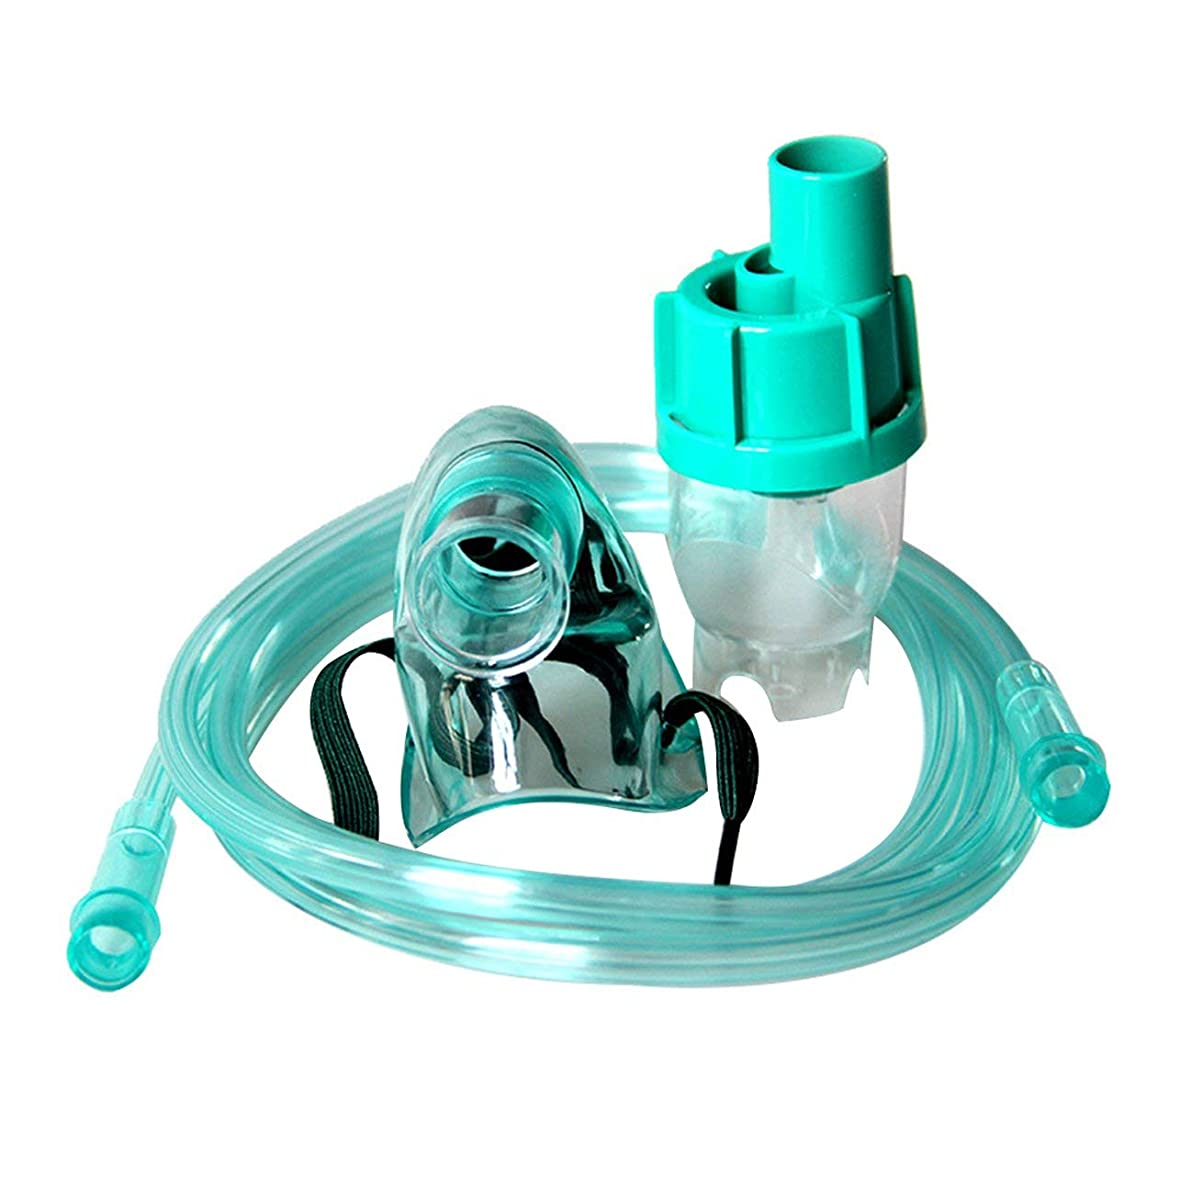 DeeploveUU 病院の療養所の酸素マスクのマスキングマスクの大人の酸素マスクの医学の液体の噴霧器